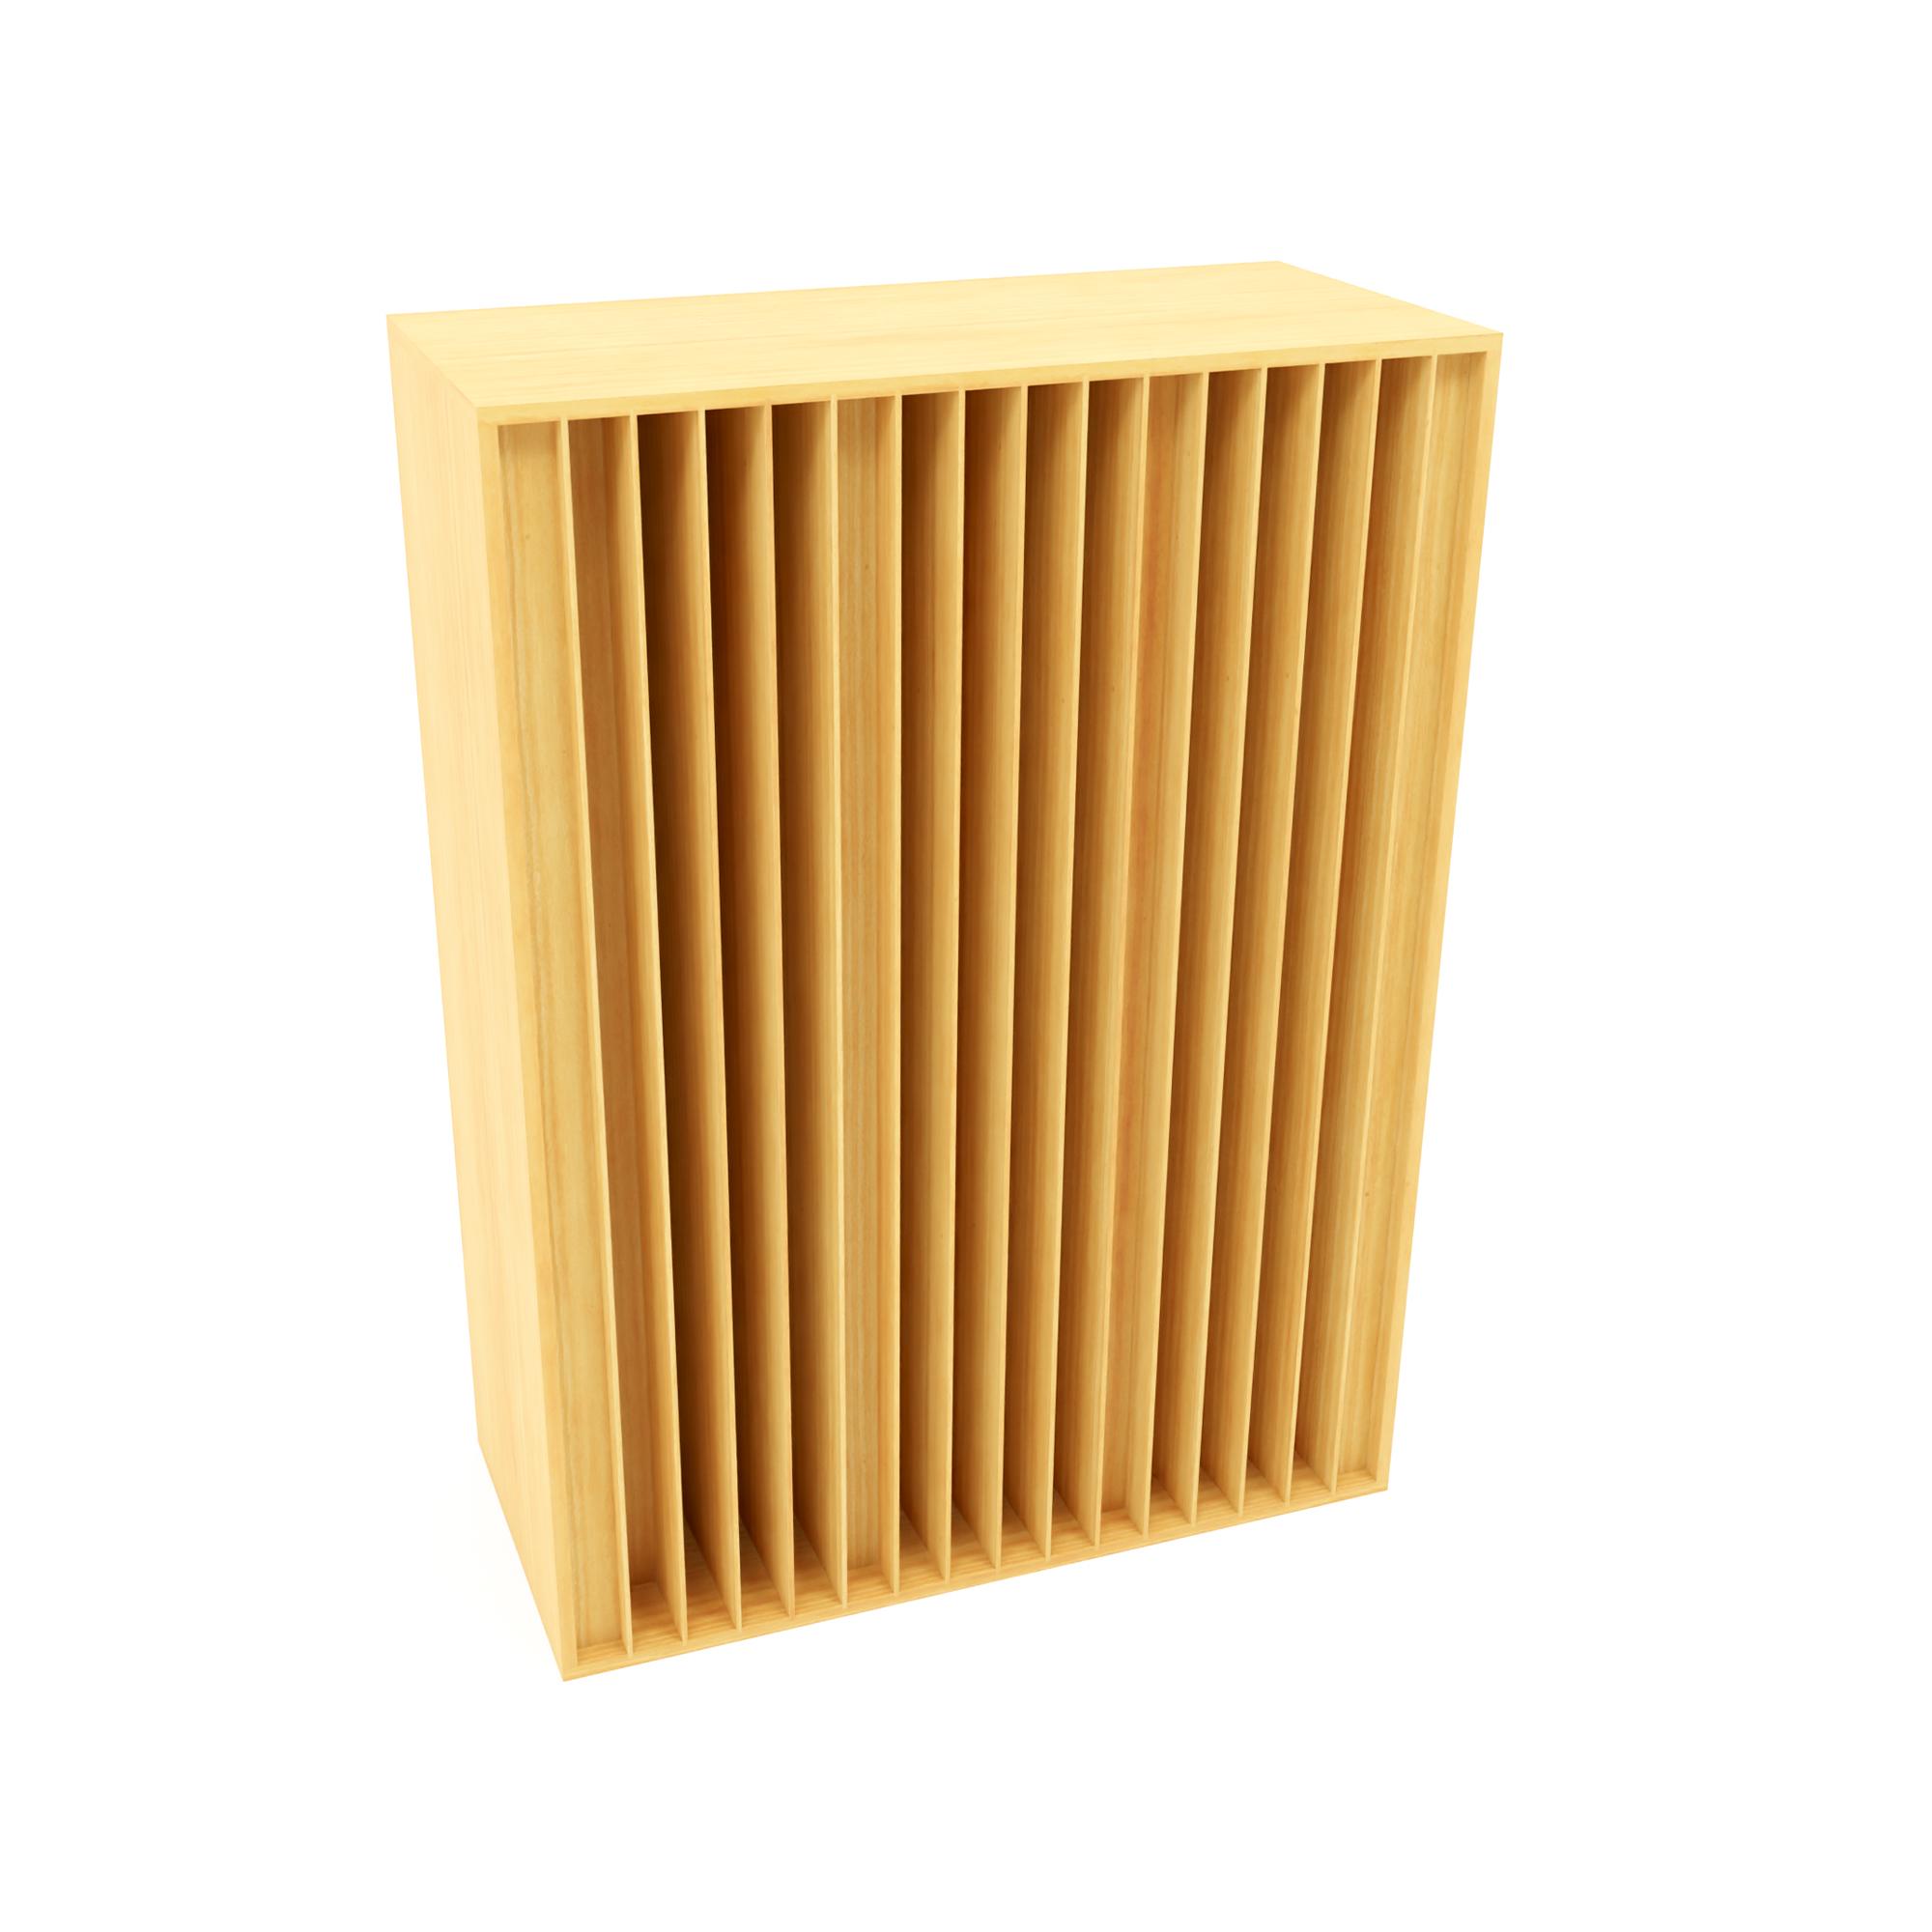 Home Design Questions For Clients Diy Sound Diffuser Qrd 17 Diy Quadratic Diffuser Plans